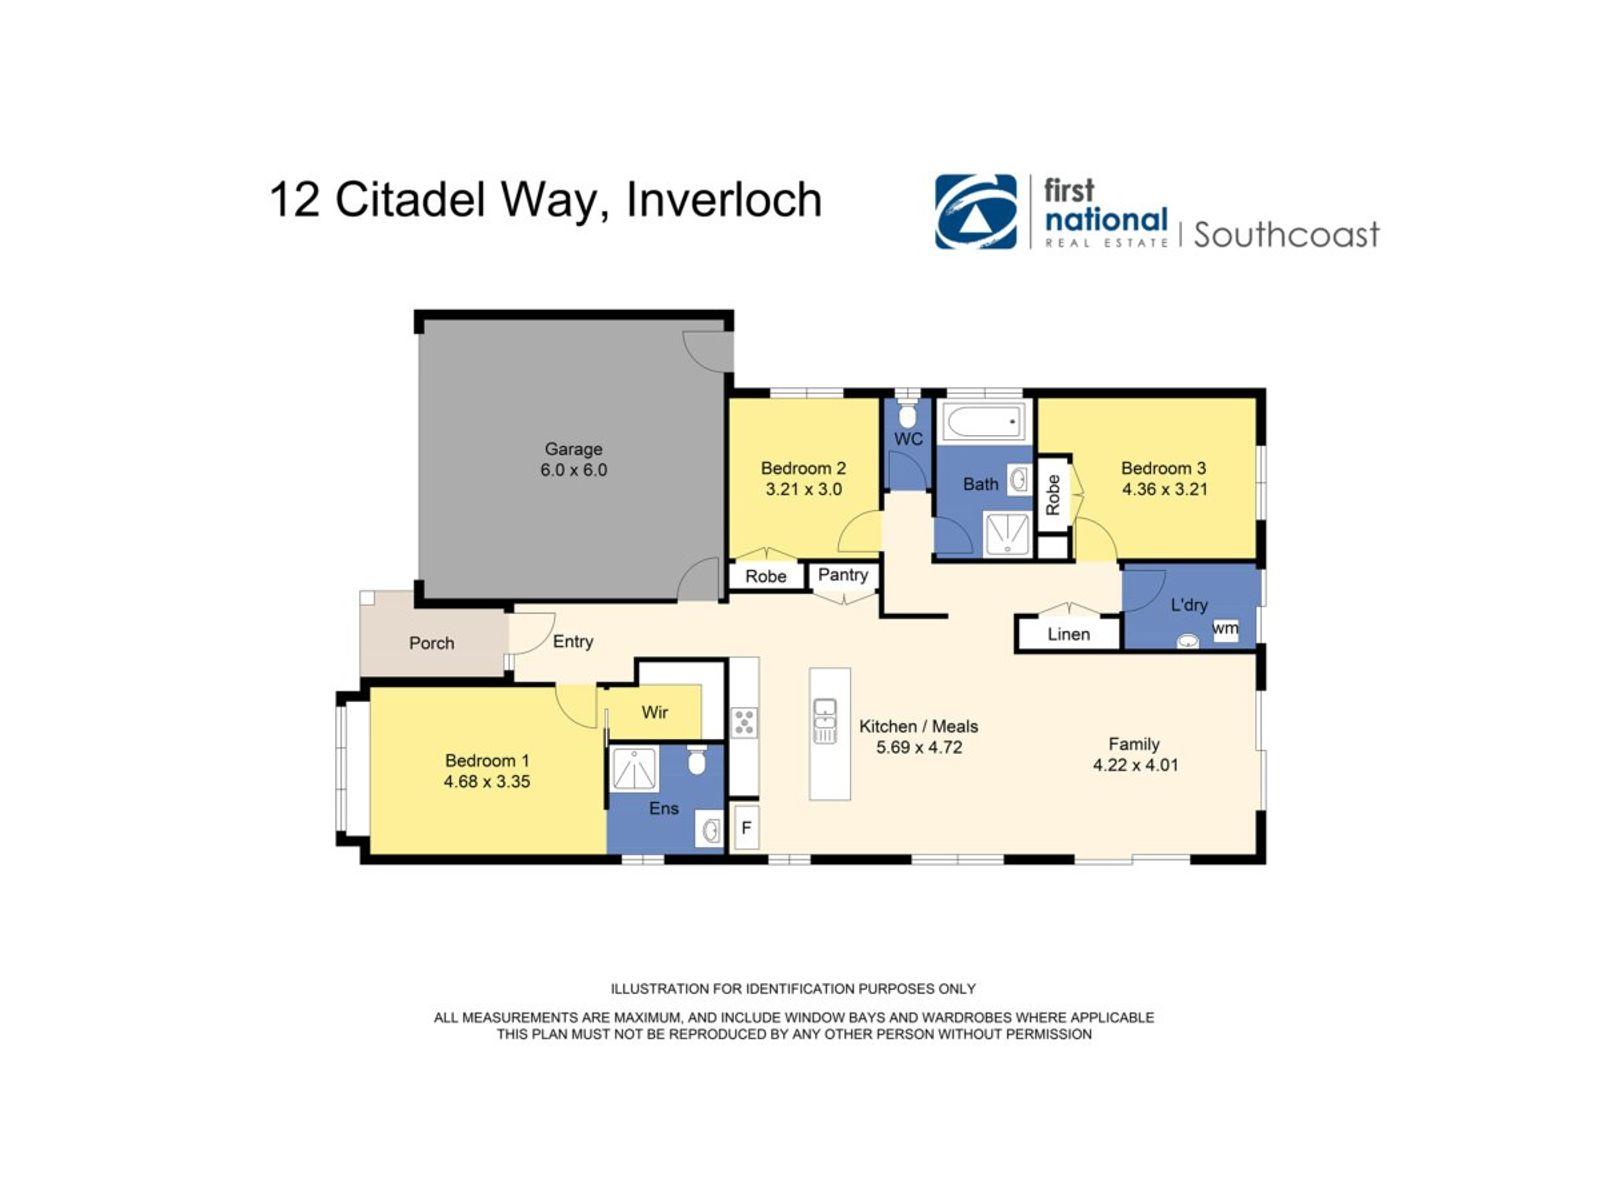 12 Citadel Way, Inverloch, VIC 3996